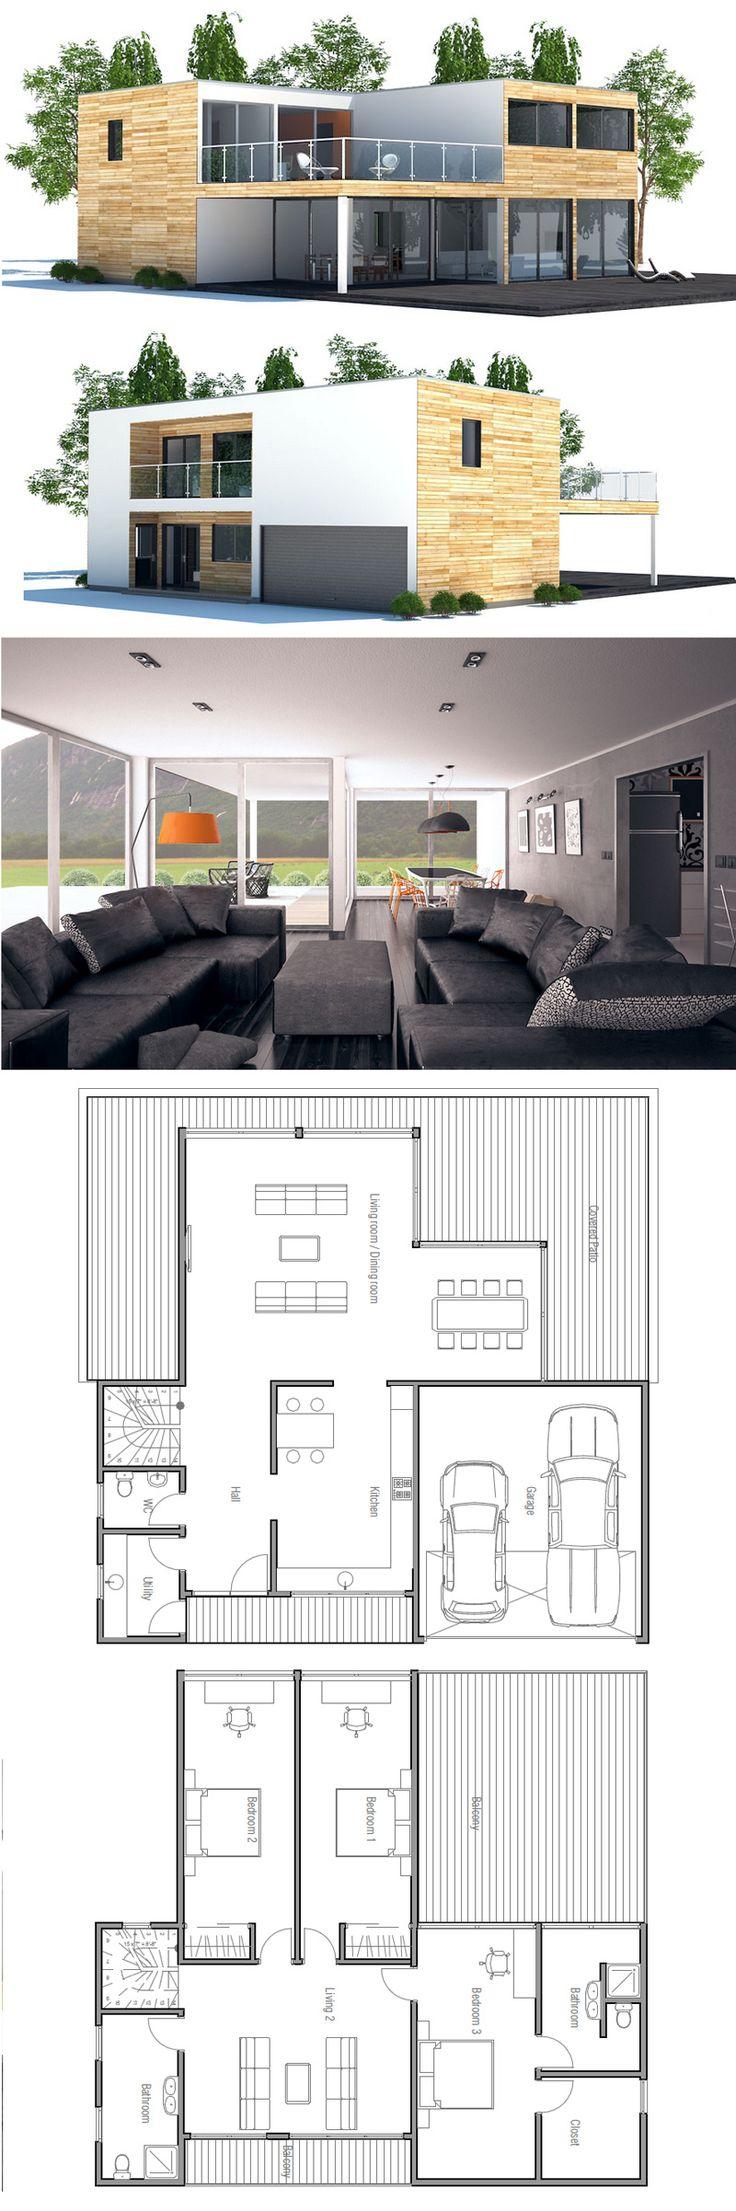 Container House - Casa 2 plantas, planta baja concocina independiente,  planta primera 3 dormitorios, 2 baos - Who Else Wants Simple Step-By-Step  Plans To ...